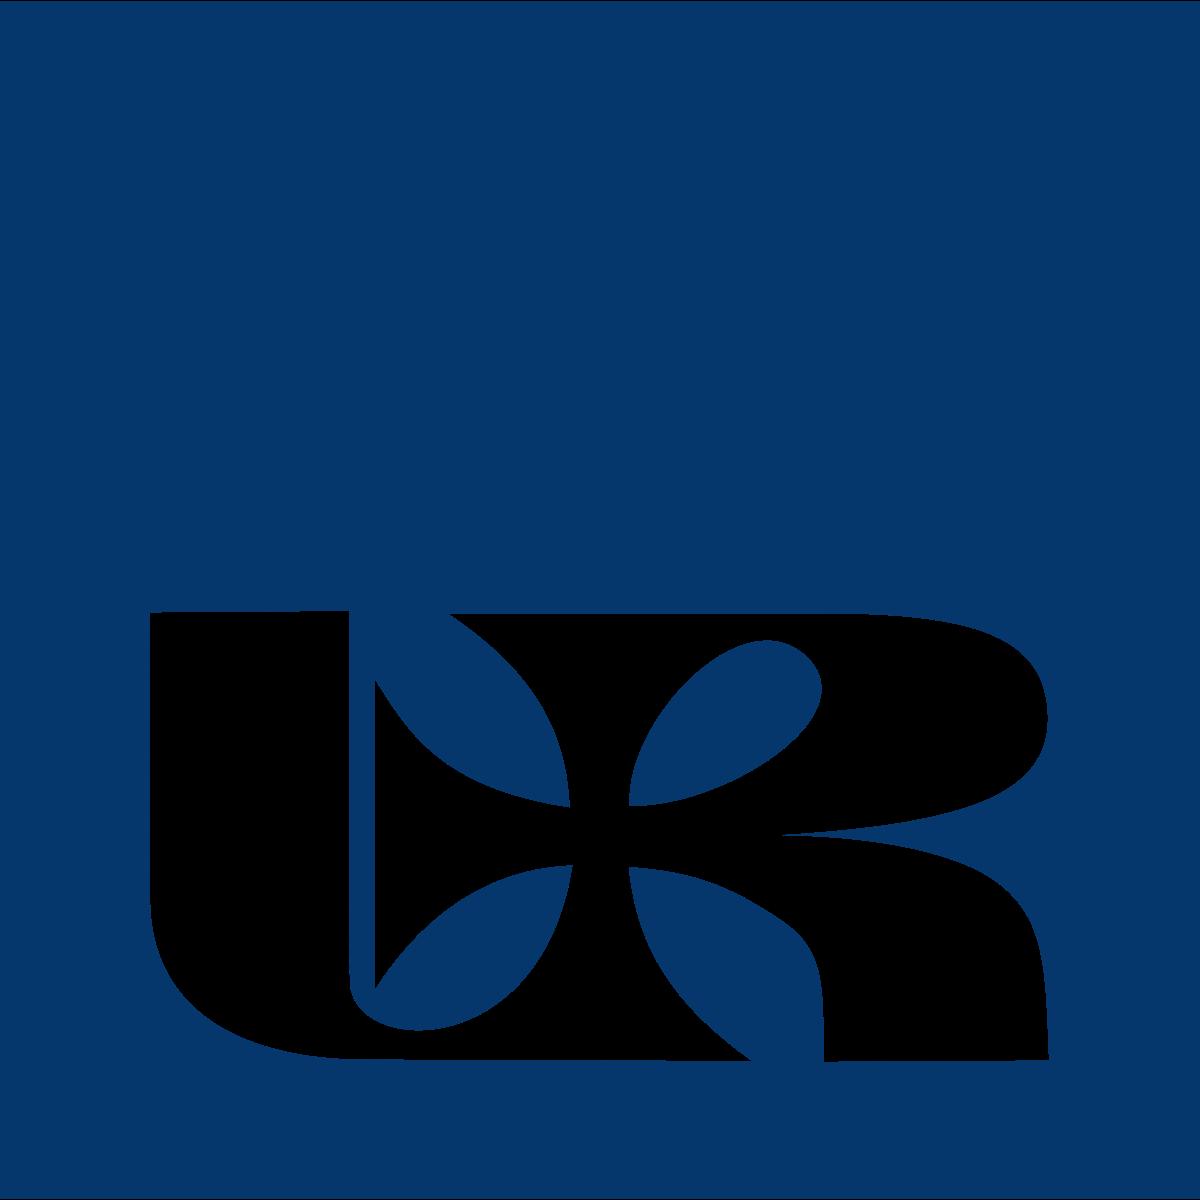 University of Rzeszow